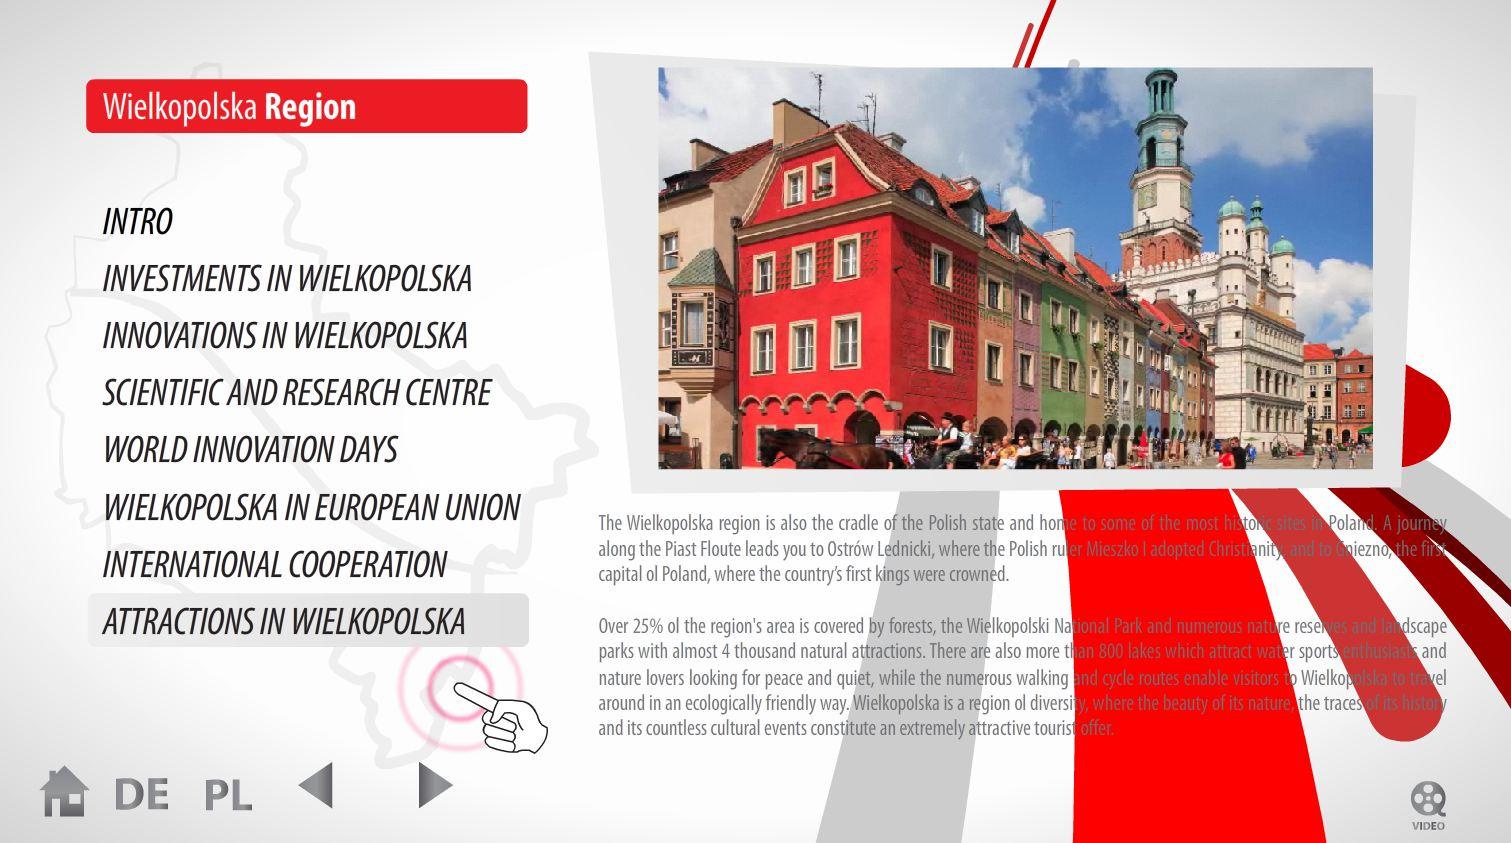 prezentacja multimedialna wielkopolska 4